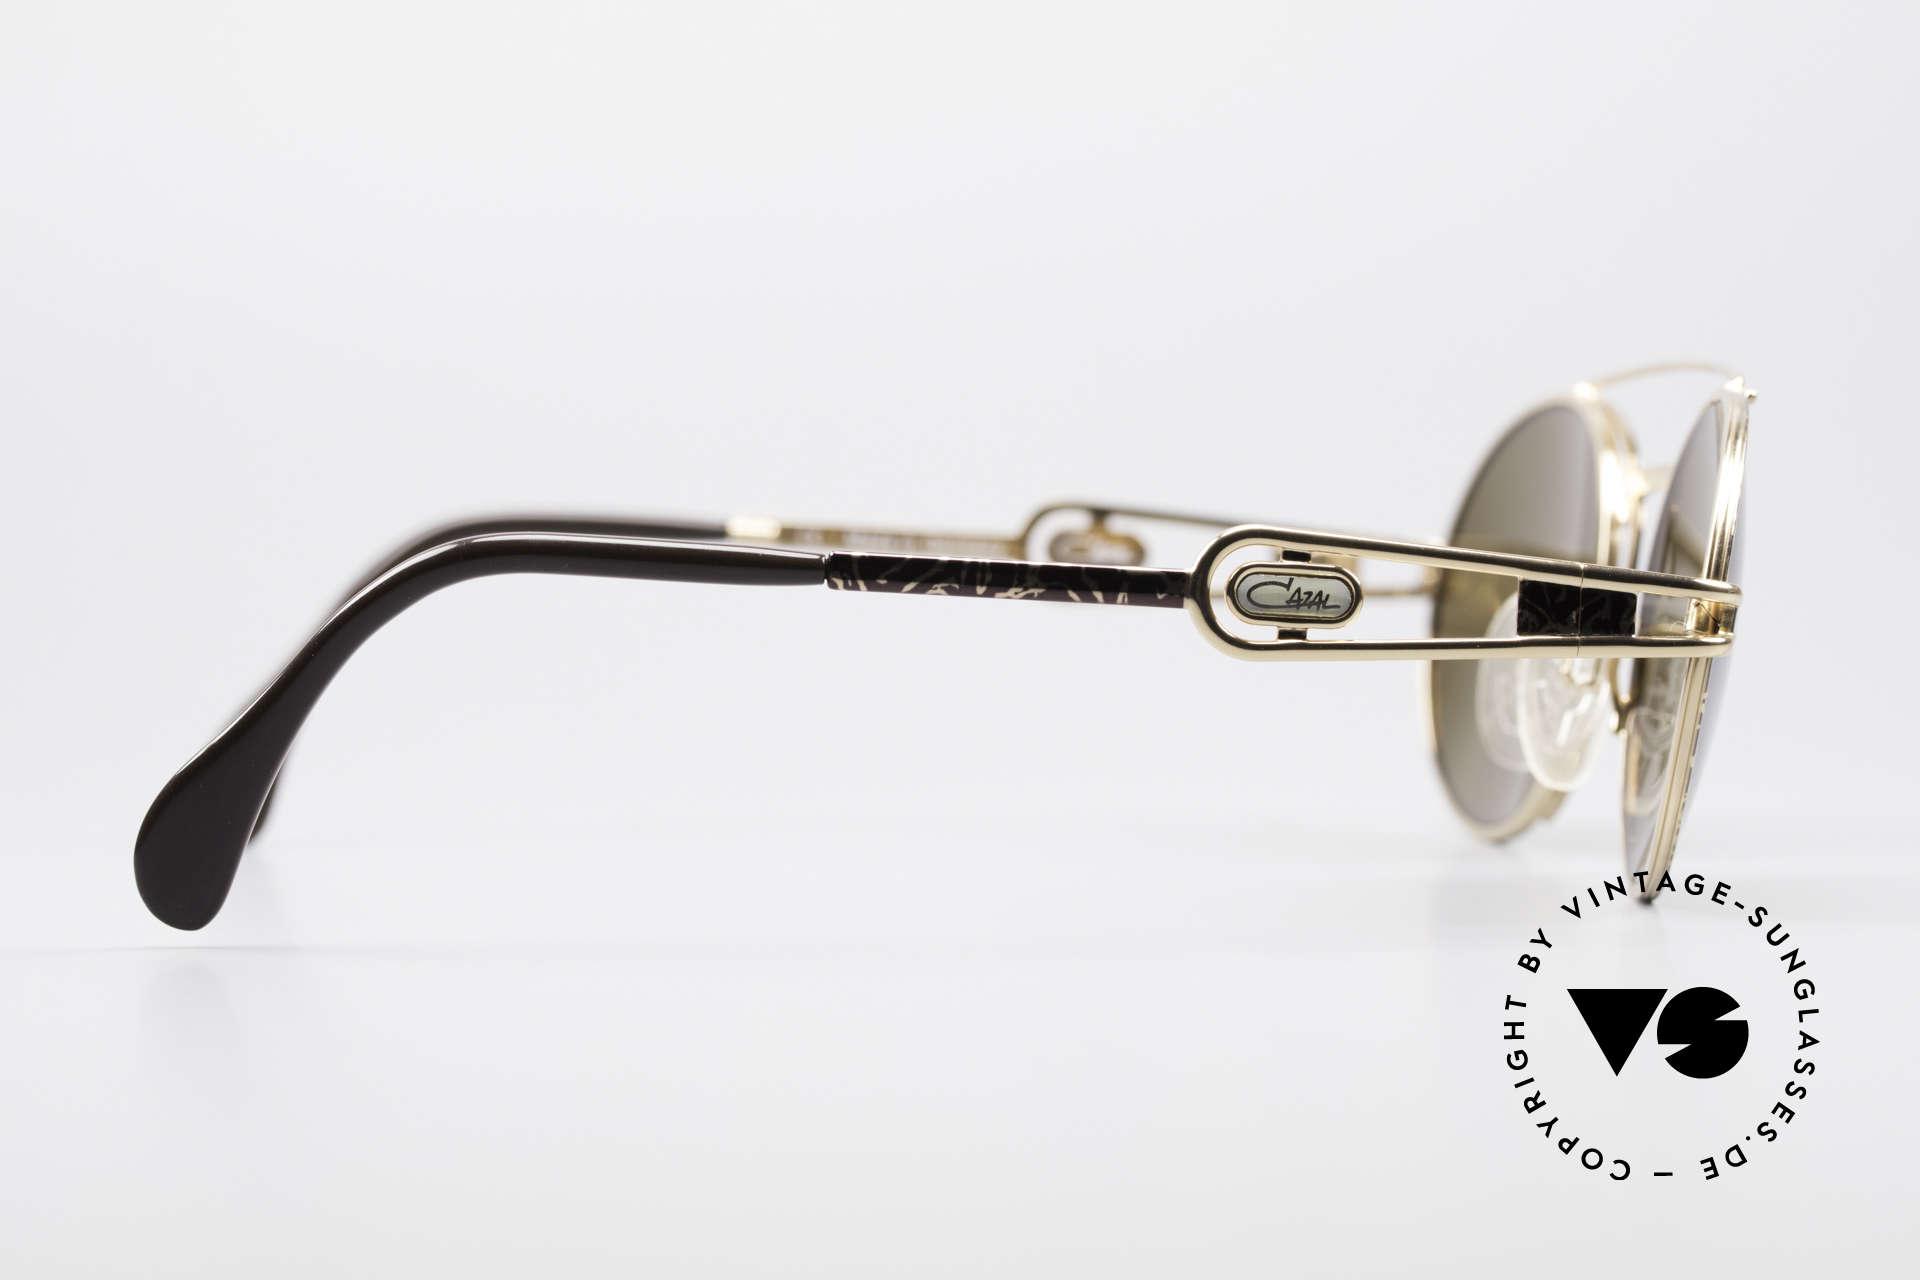 Cazal 965 Ovale 90er Sonnenbrille, KEINE RETRO Sonnenbrille, 100% vintage Original!, Passend für Herren und Damen